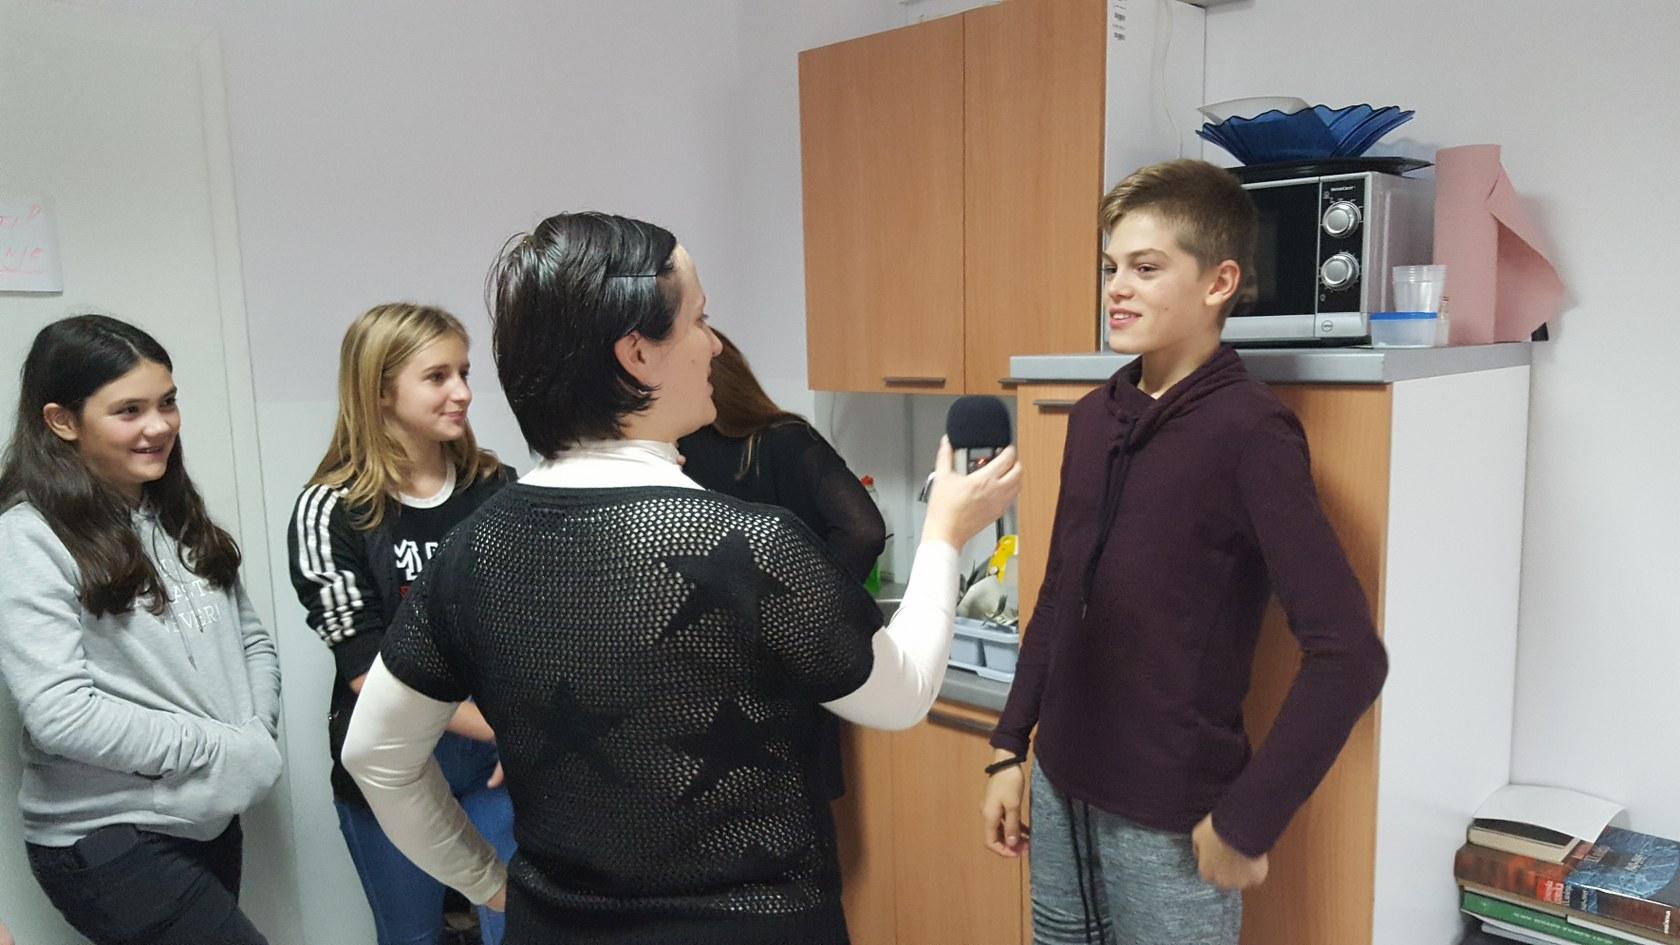 obisk-radia-tednik-ptuj-novinar-20_1680x945